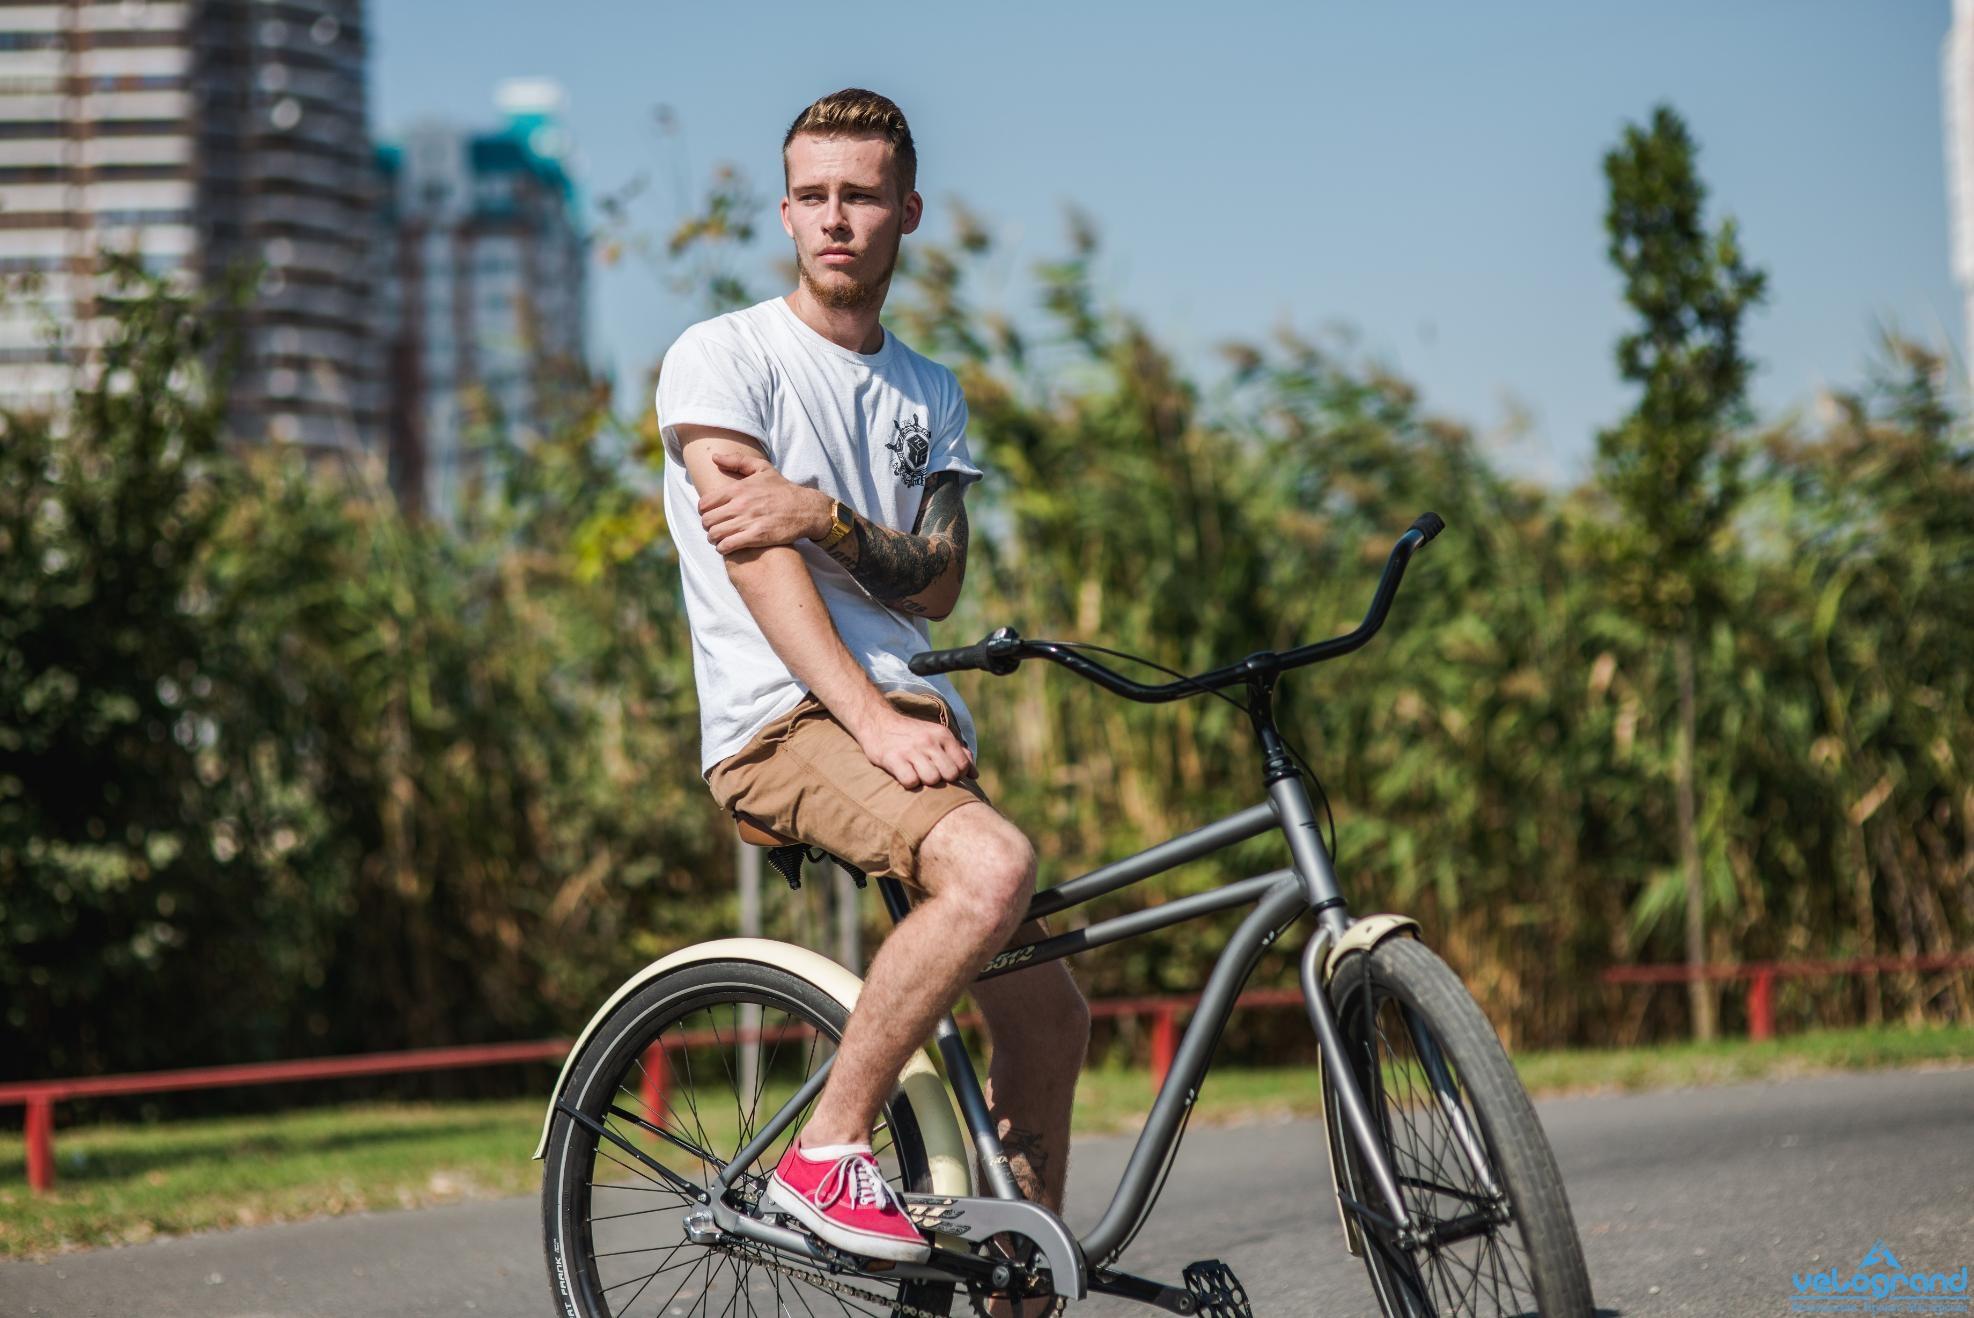 Велосипед круизер Format 5512 (2016), Цвет Серый от Velogrand